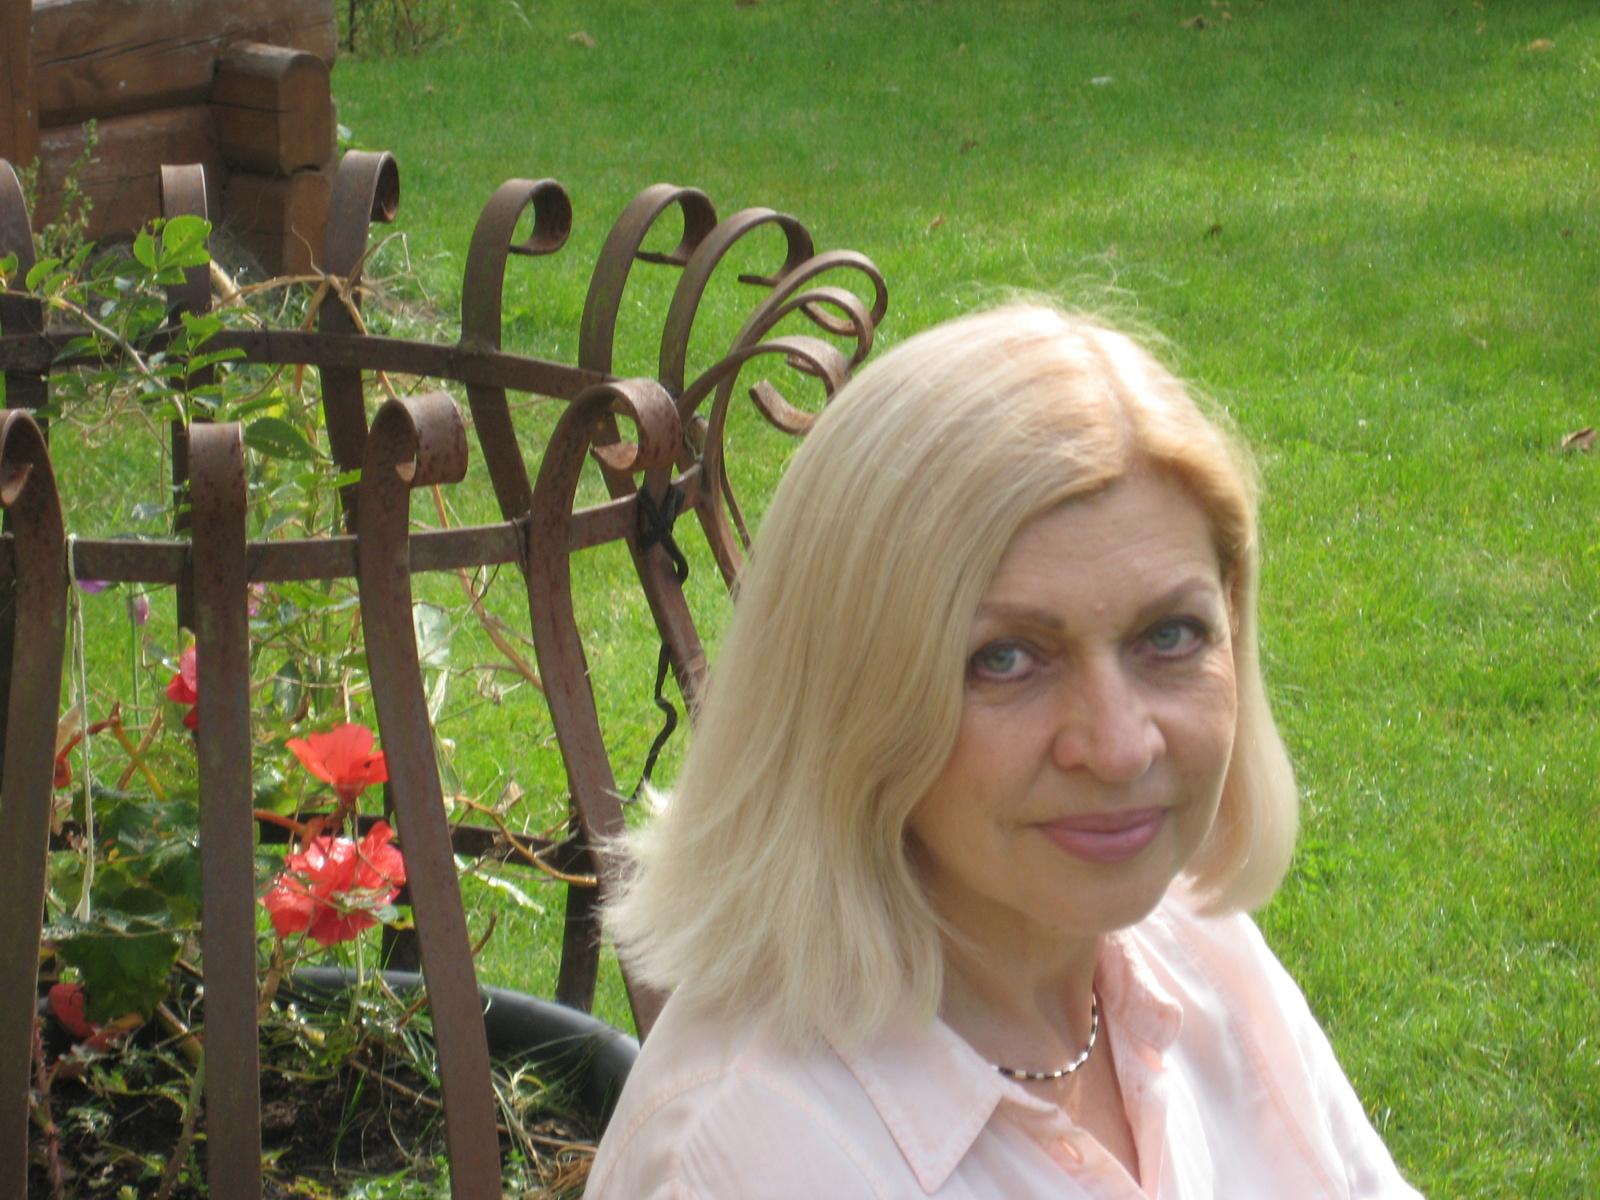 Žurnalistė Meilė Jančorienė apie gyvenimo kelią, siekius, sveikatą ir Vievį